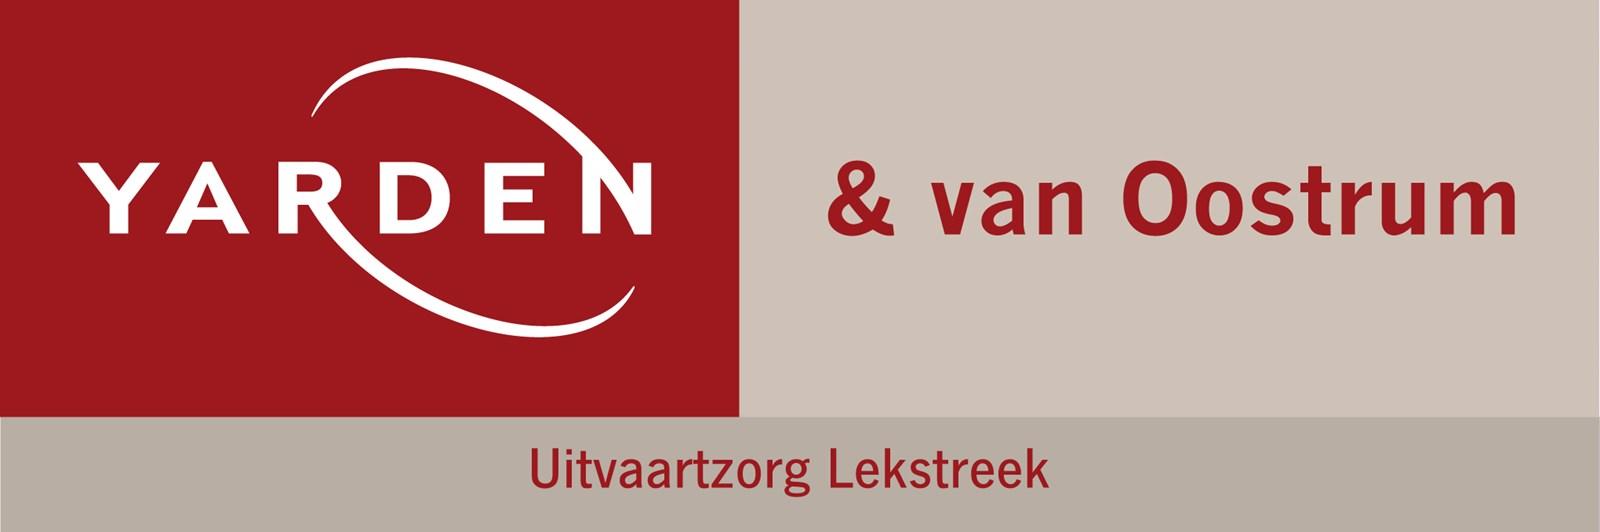 Afbeelding van Yarden & van Oostrum Uitvaartzorg